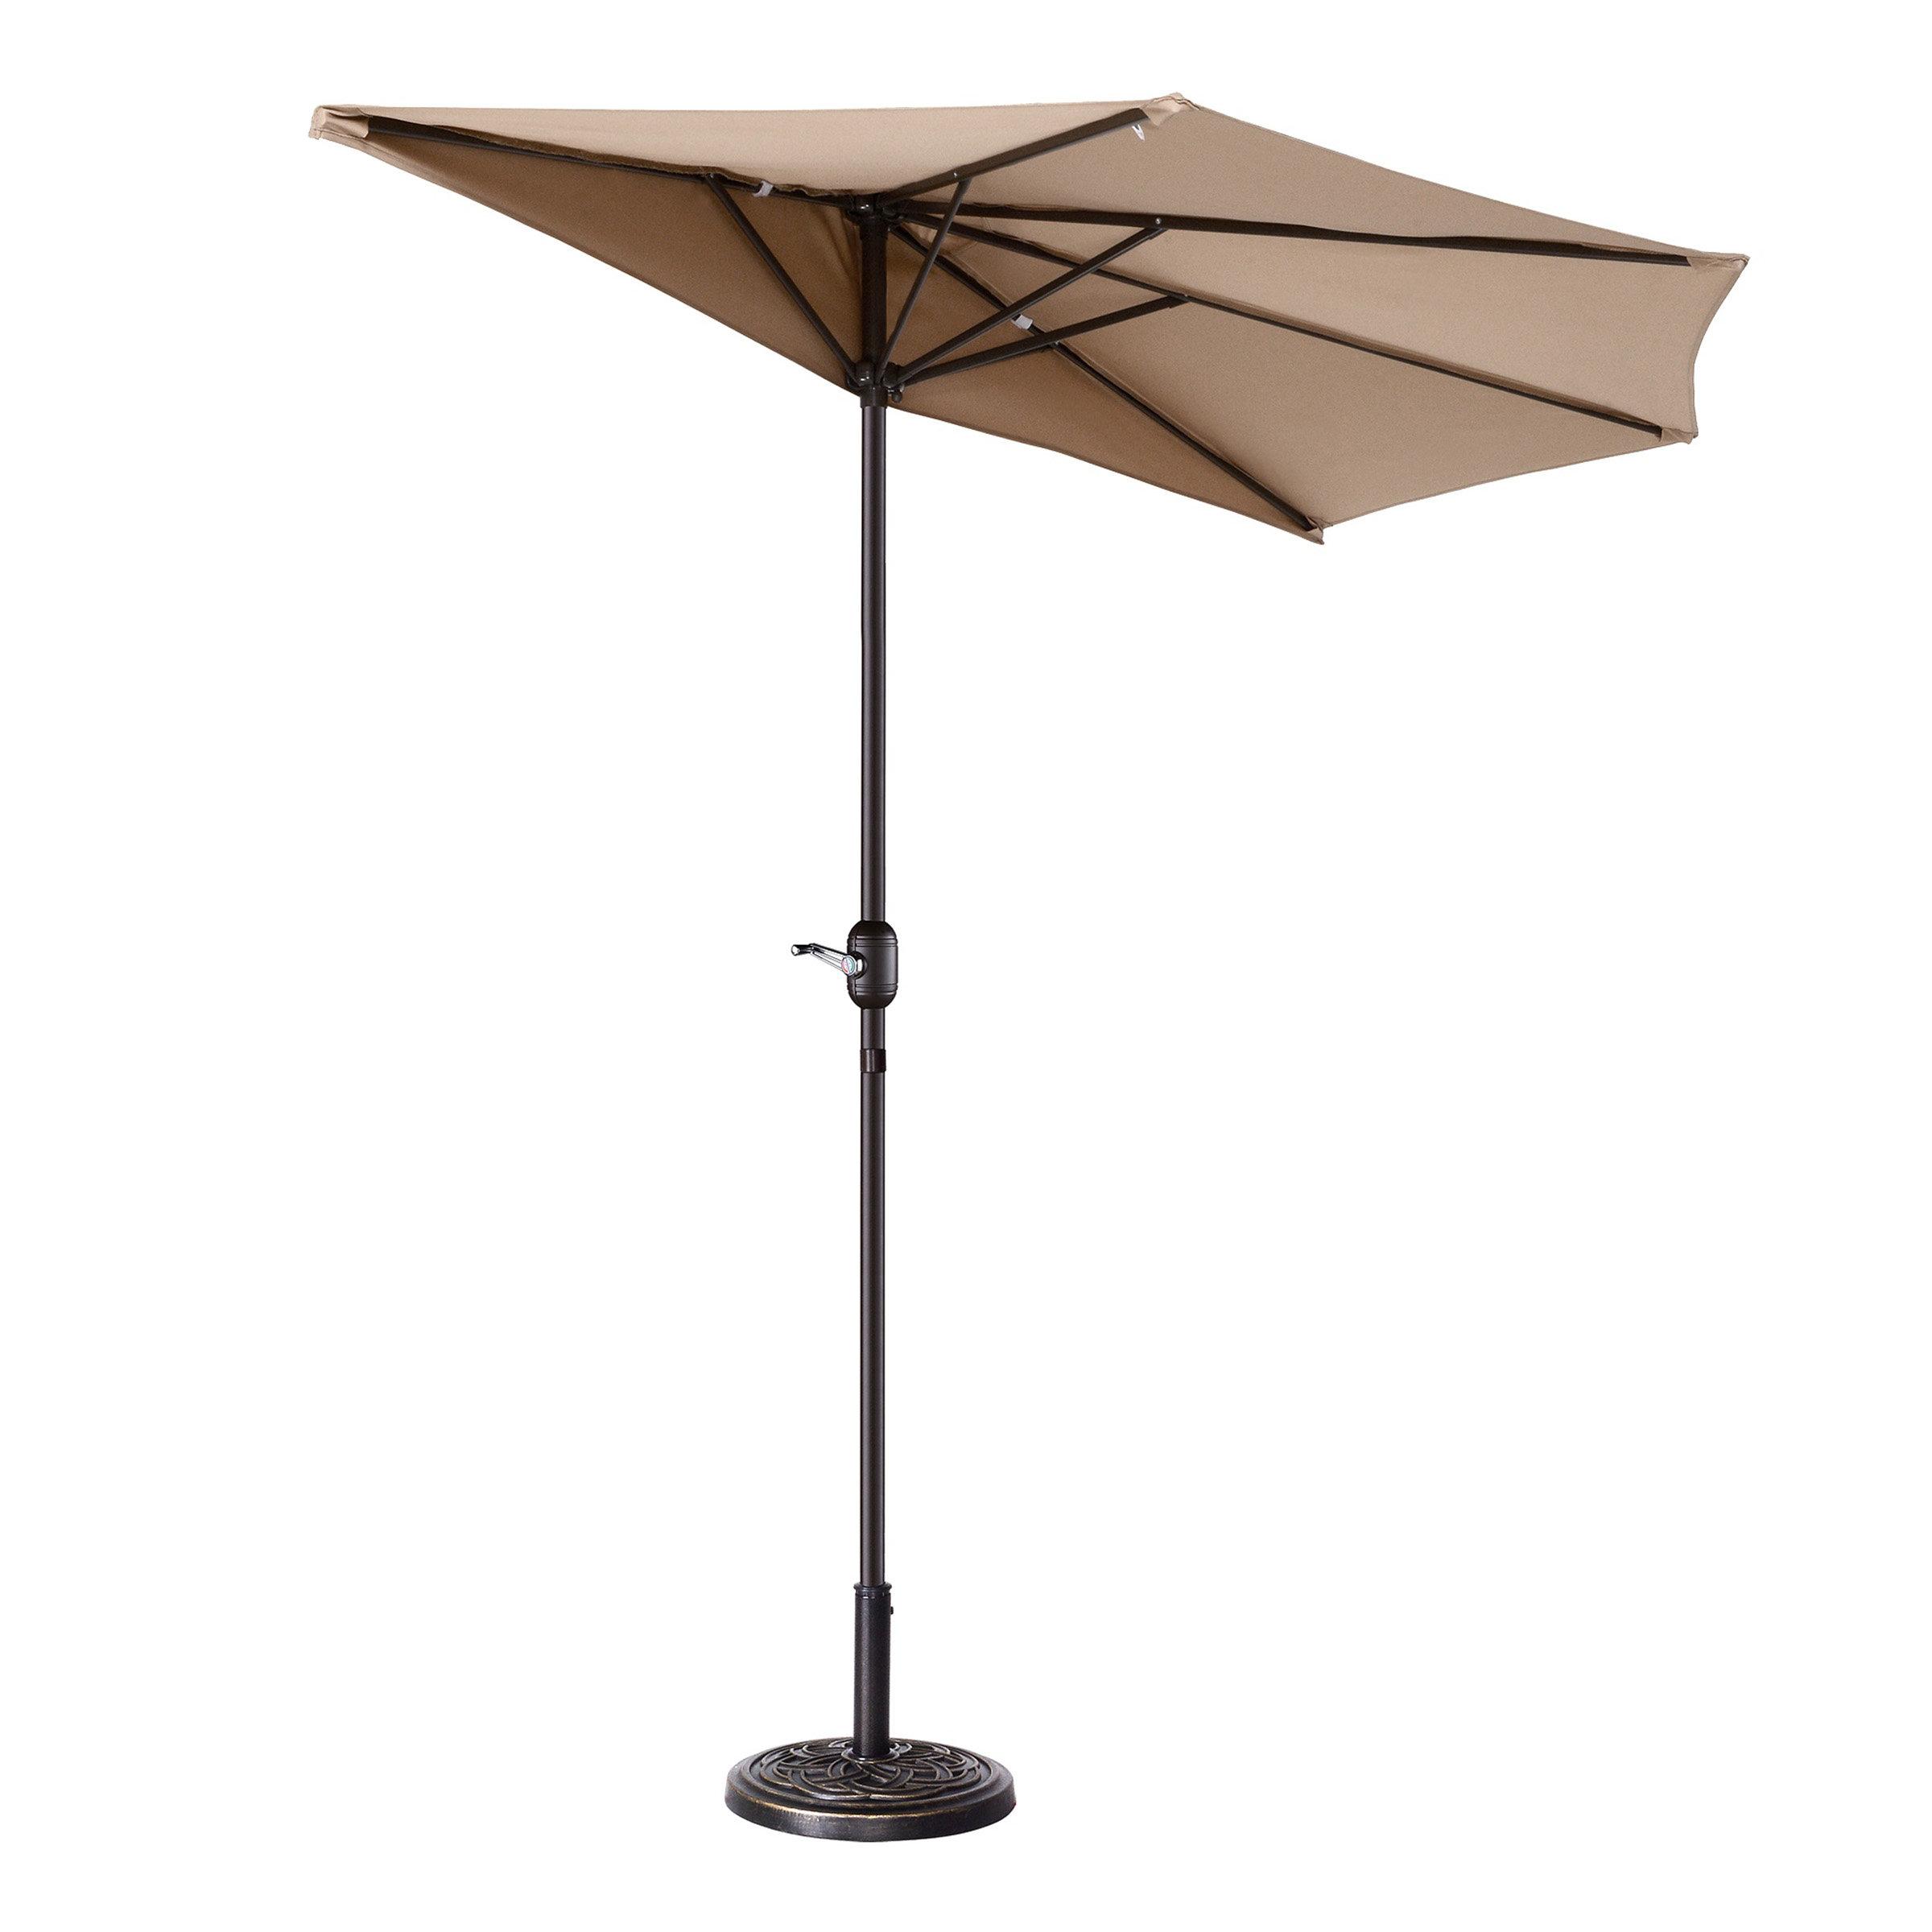 Iyanna Market Umbrellas With Regard To Best And Newest Colburn Half 9' Market Umbrella (View 9 of 20)